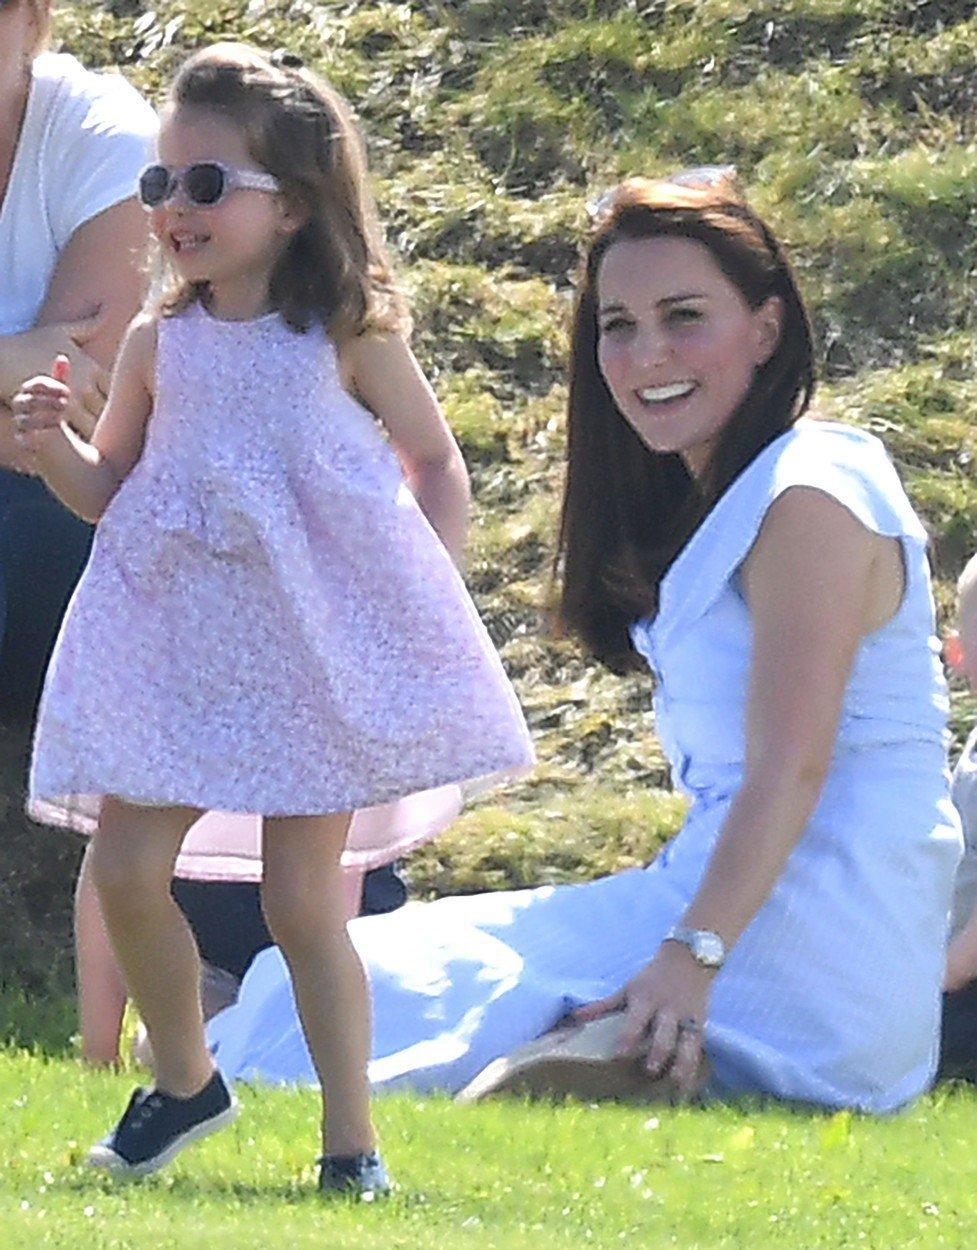 Vévodkyně Kate vyrazila s malým princem Georgem a princeznou Charlotte na každoroční The Maserati Royal Charity Polo Trophy, kde společně fandili tatínkovi, princi Williamovi.